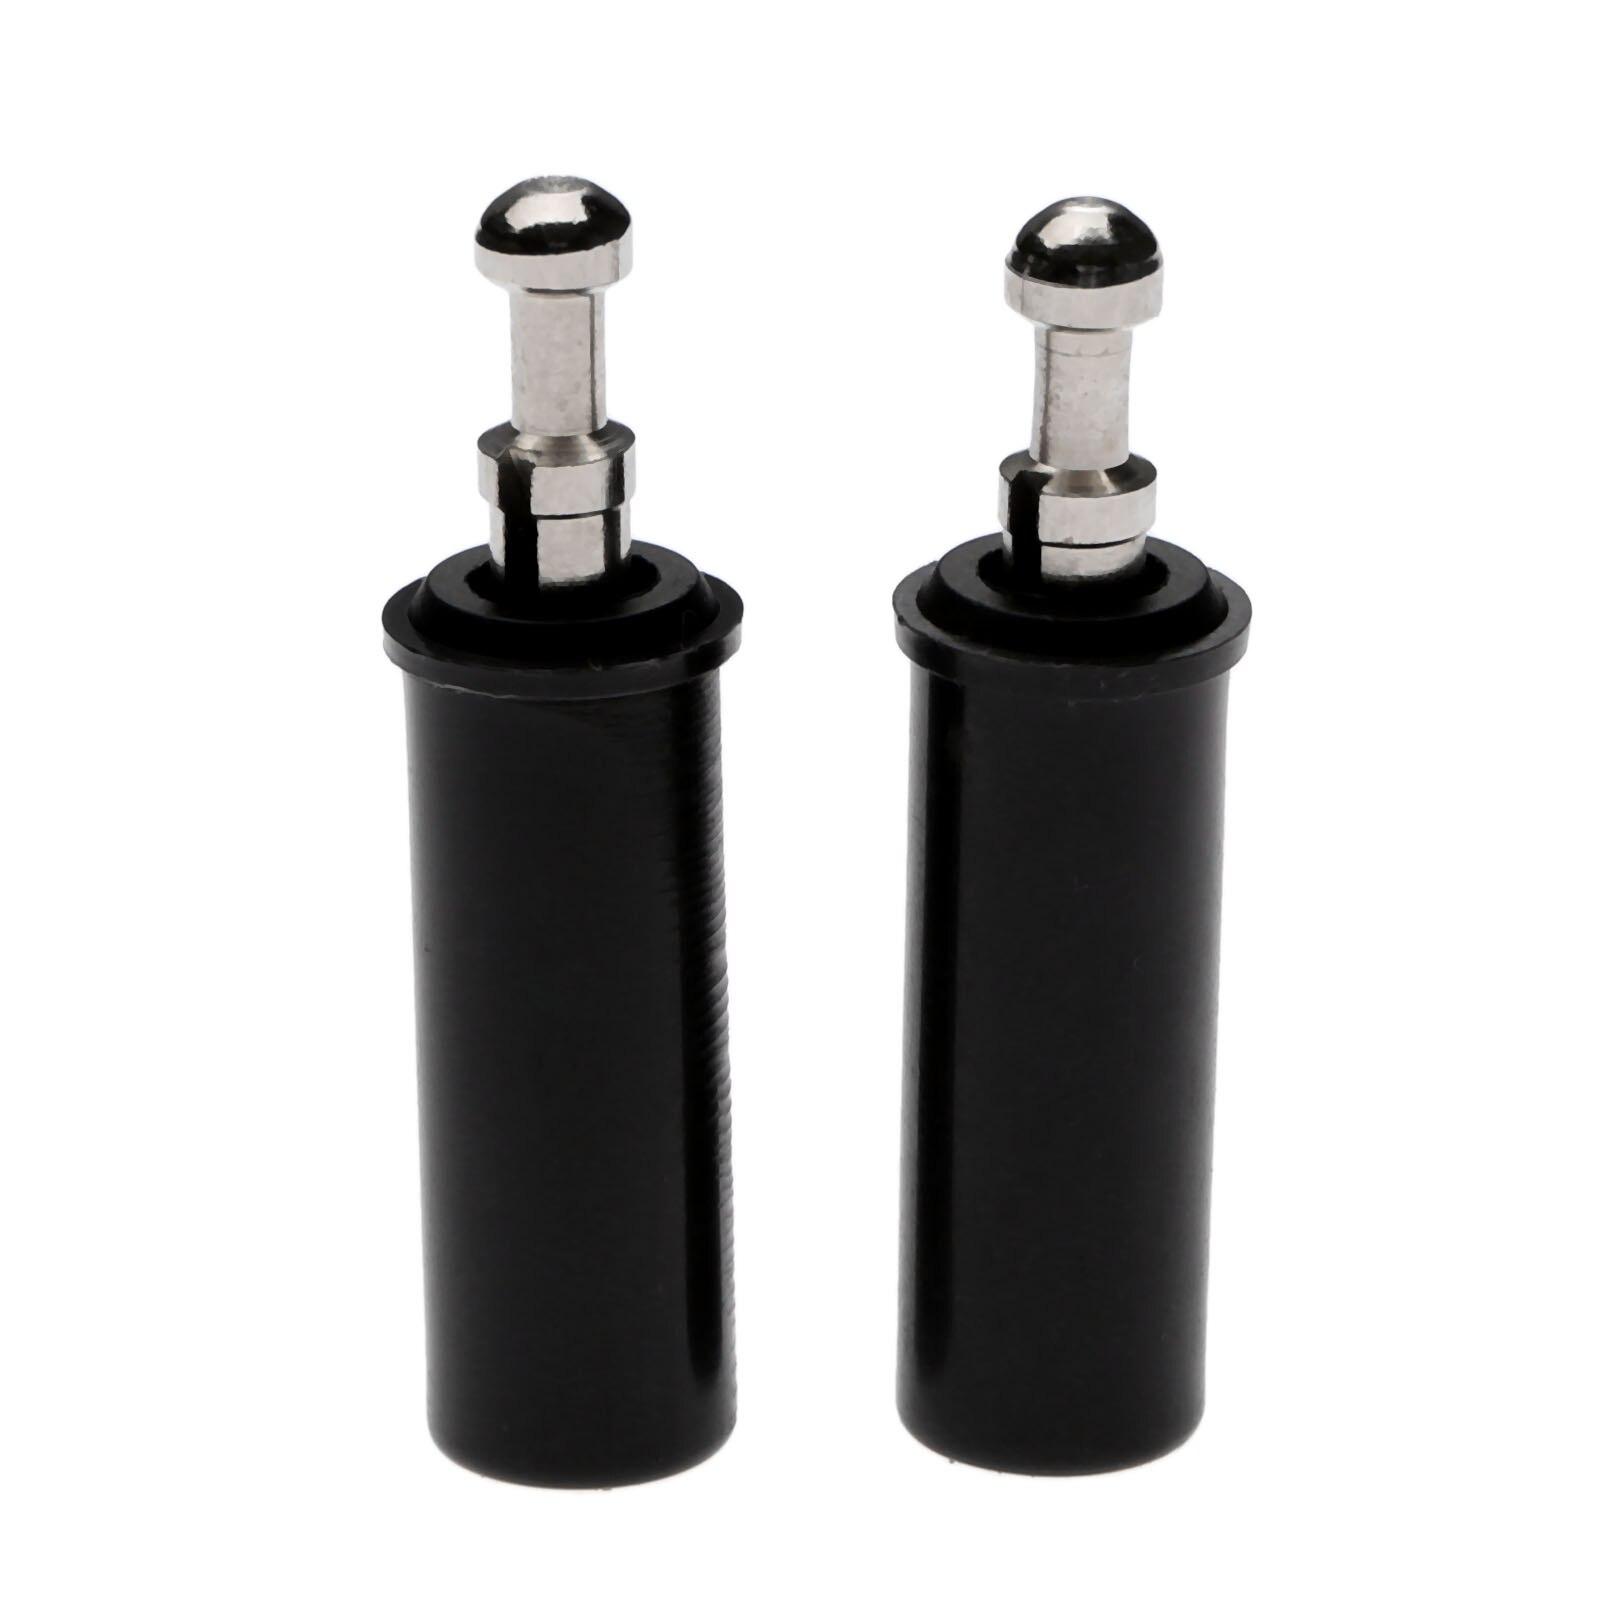 2 шт./лот, трубные фильтры для курительной трубки, от 9 мм до 3 мм, фильтр-адаптер, конвертер, аксессуары для курения